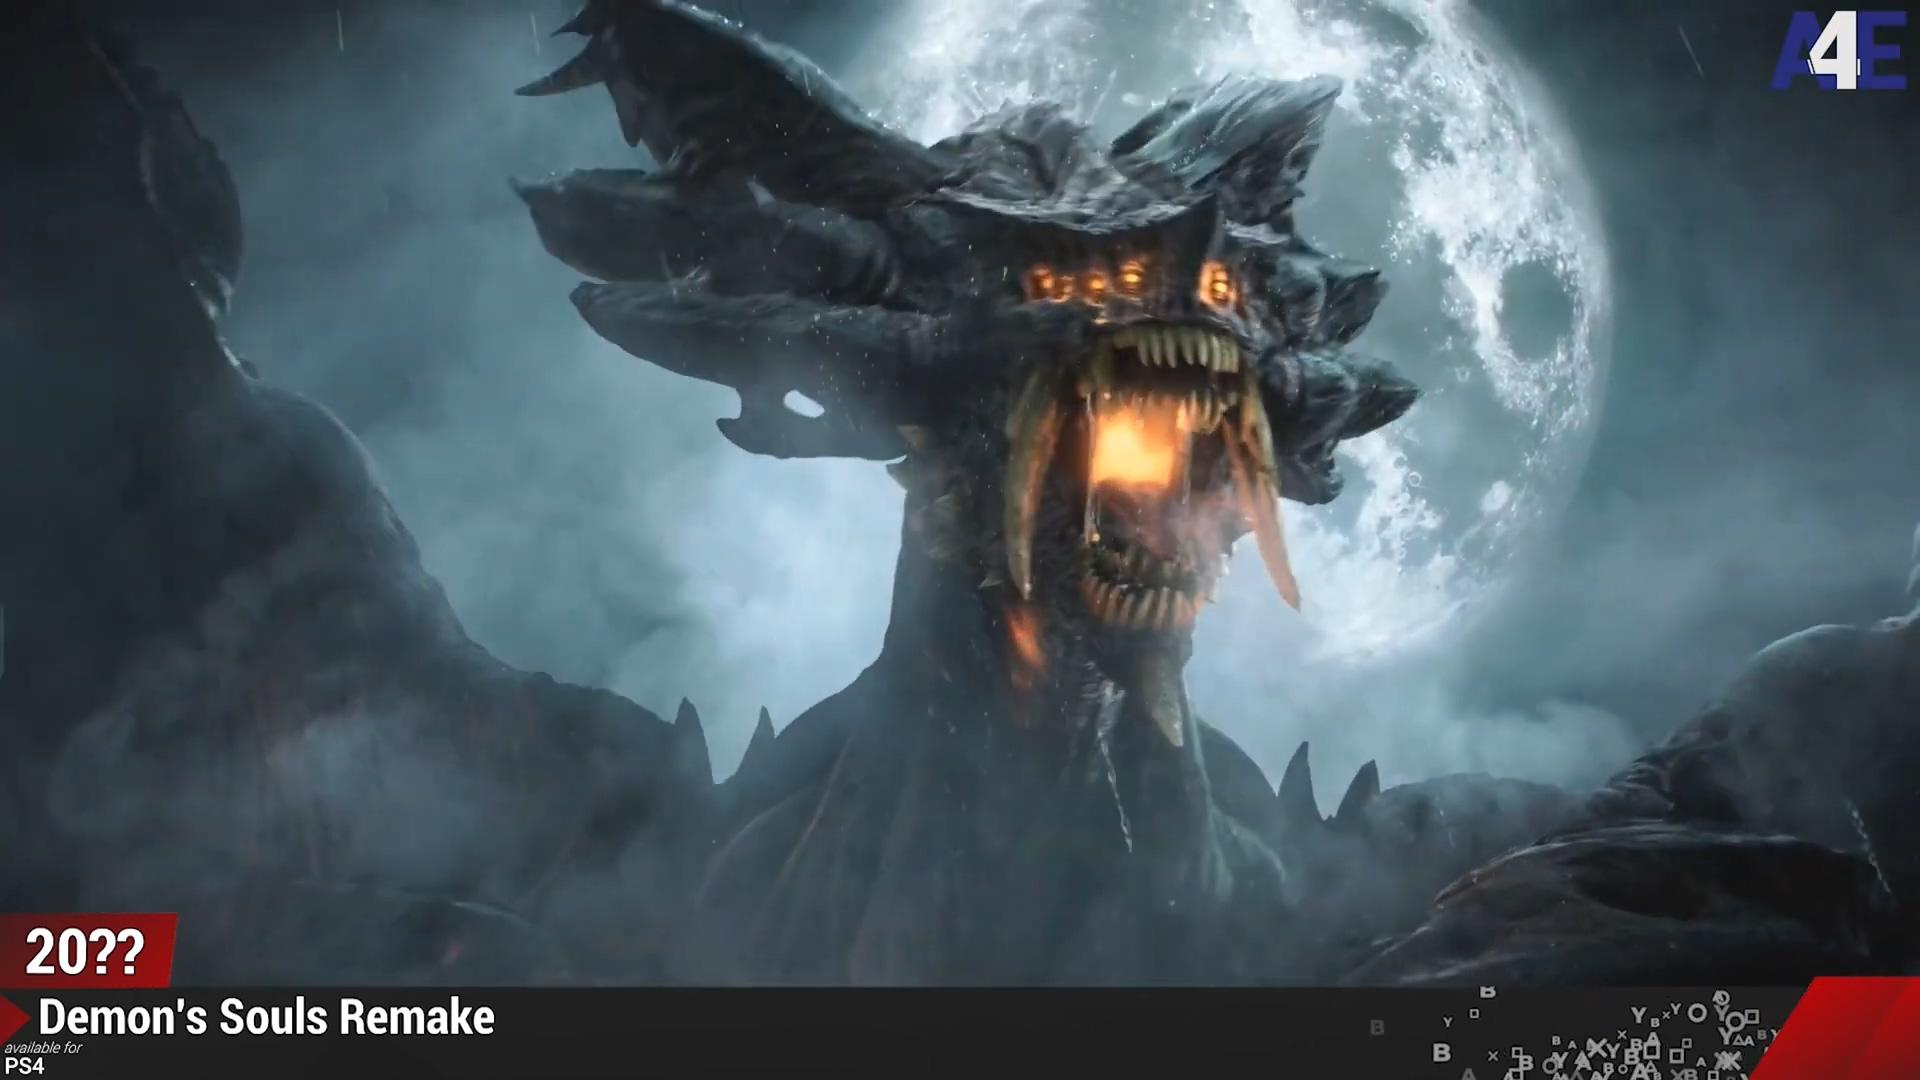 《惡魔之魂》到《惡魔之魂:重制版》 魂系遊戲的進化